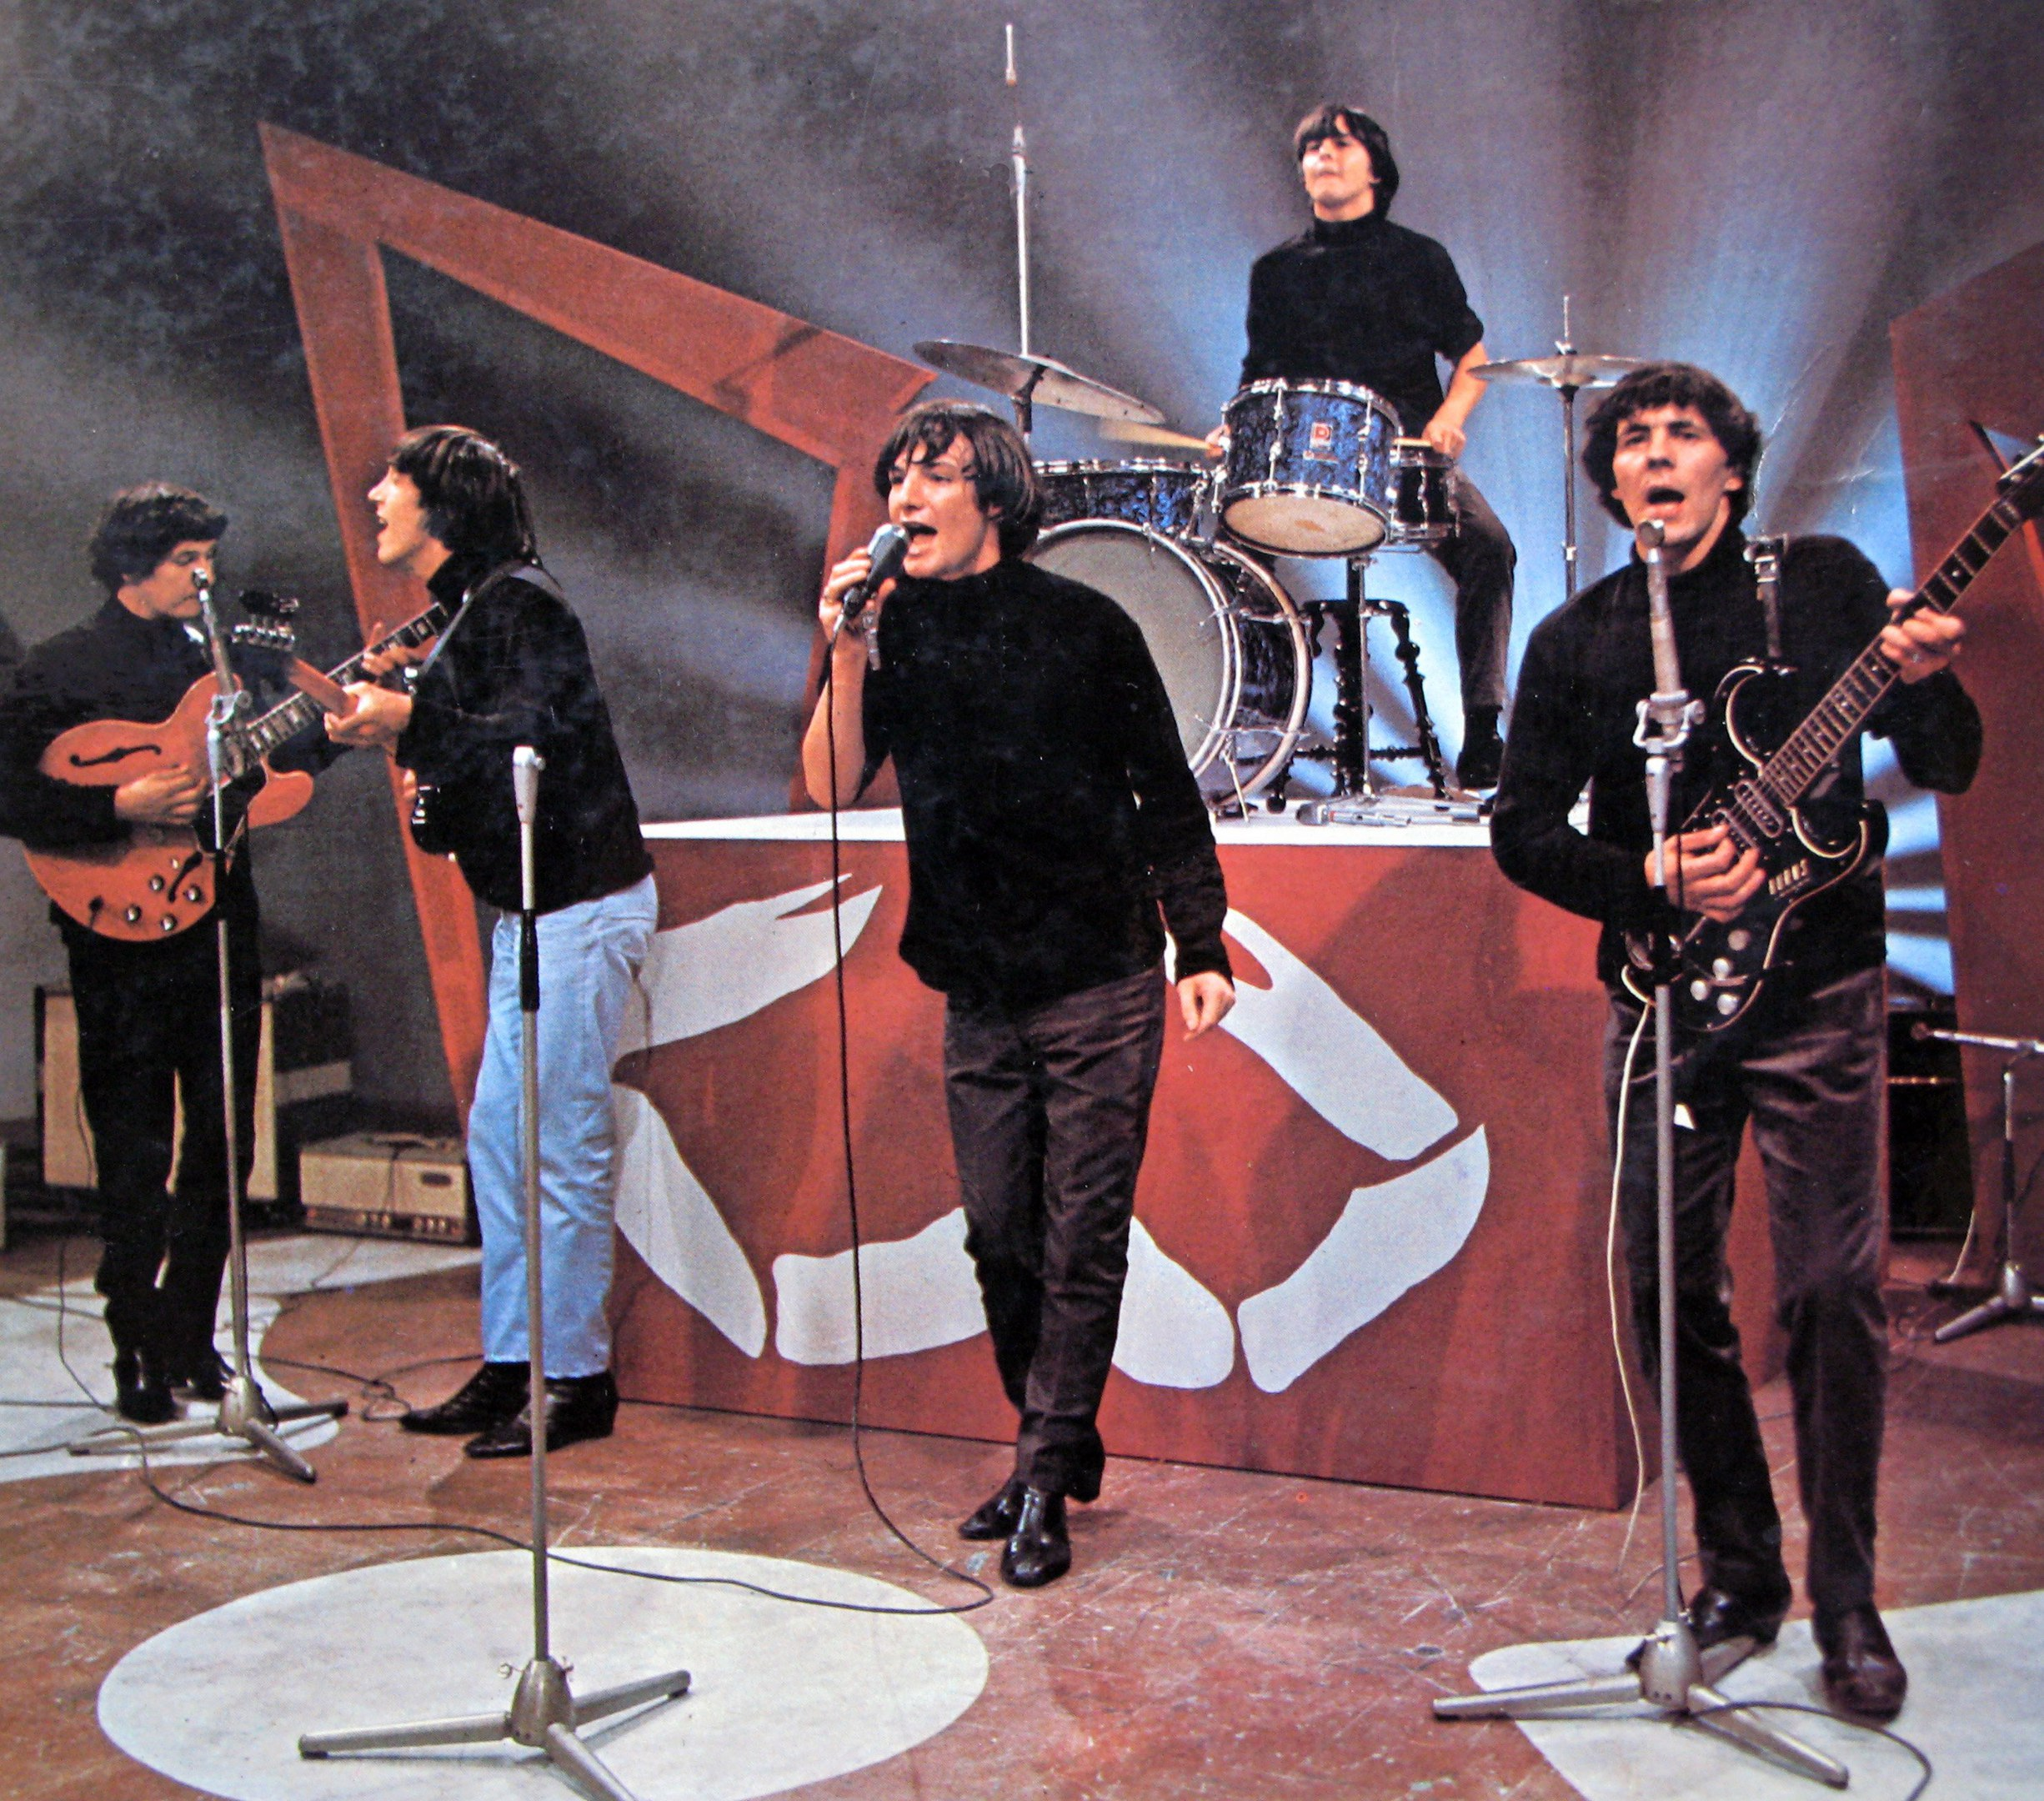 Scorpions return to forever альбом [mp3] 2015 скачать торрентом.